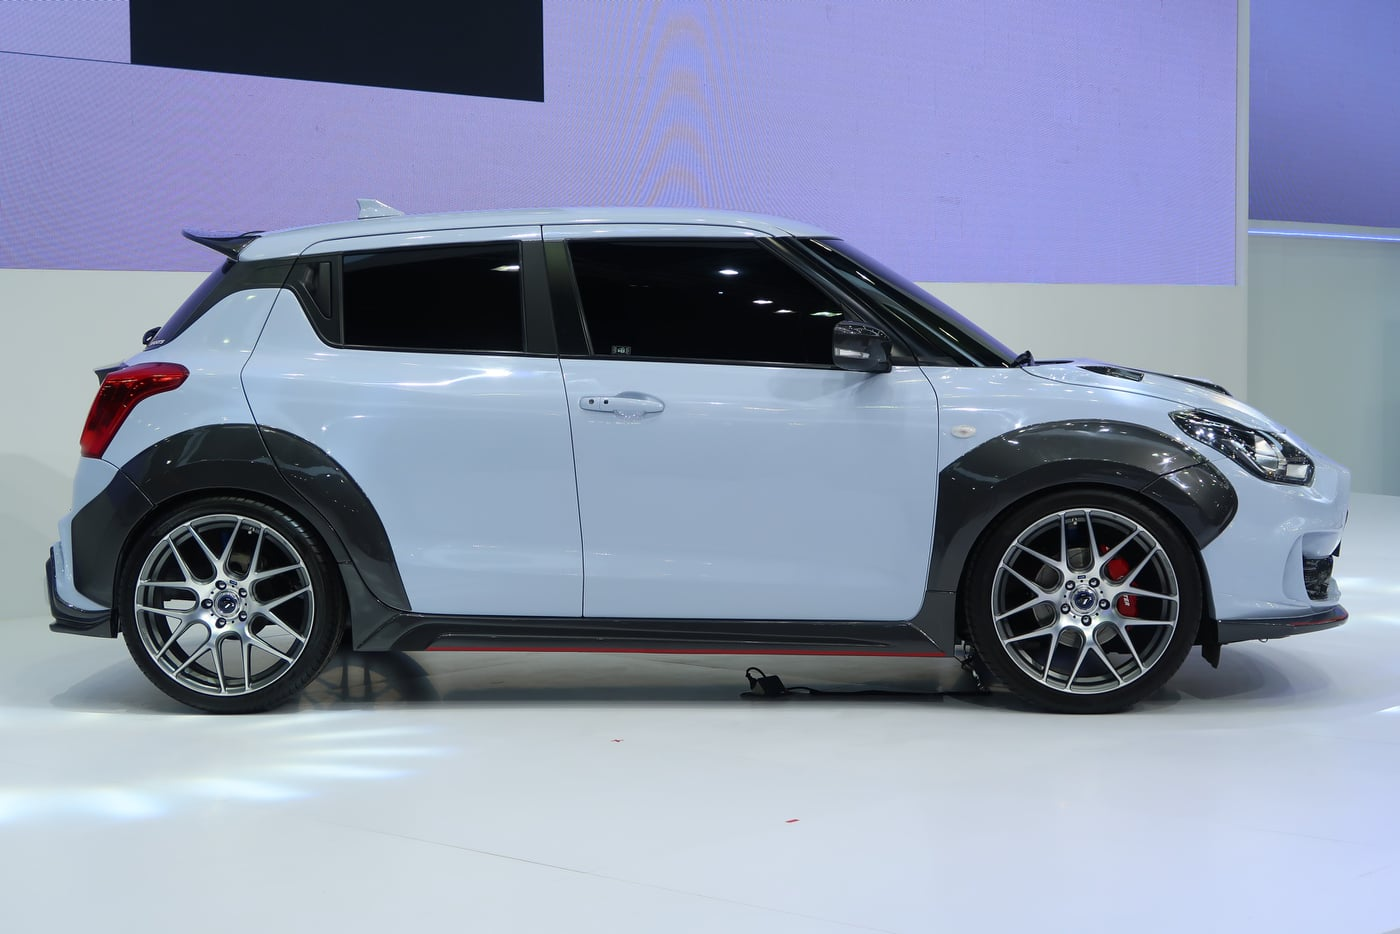 Suzuki-Swift-Extreme-Concept-9